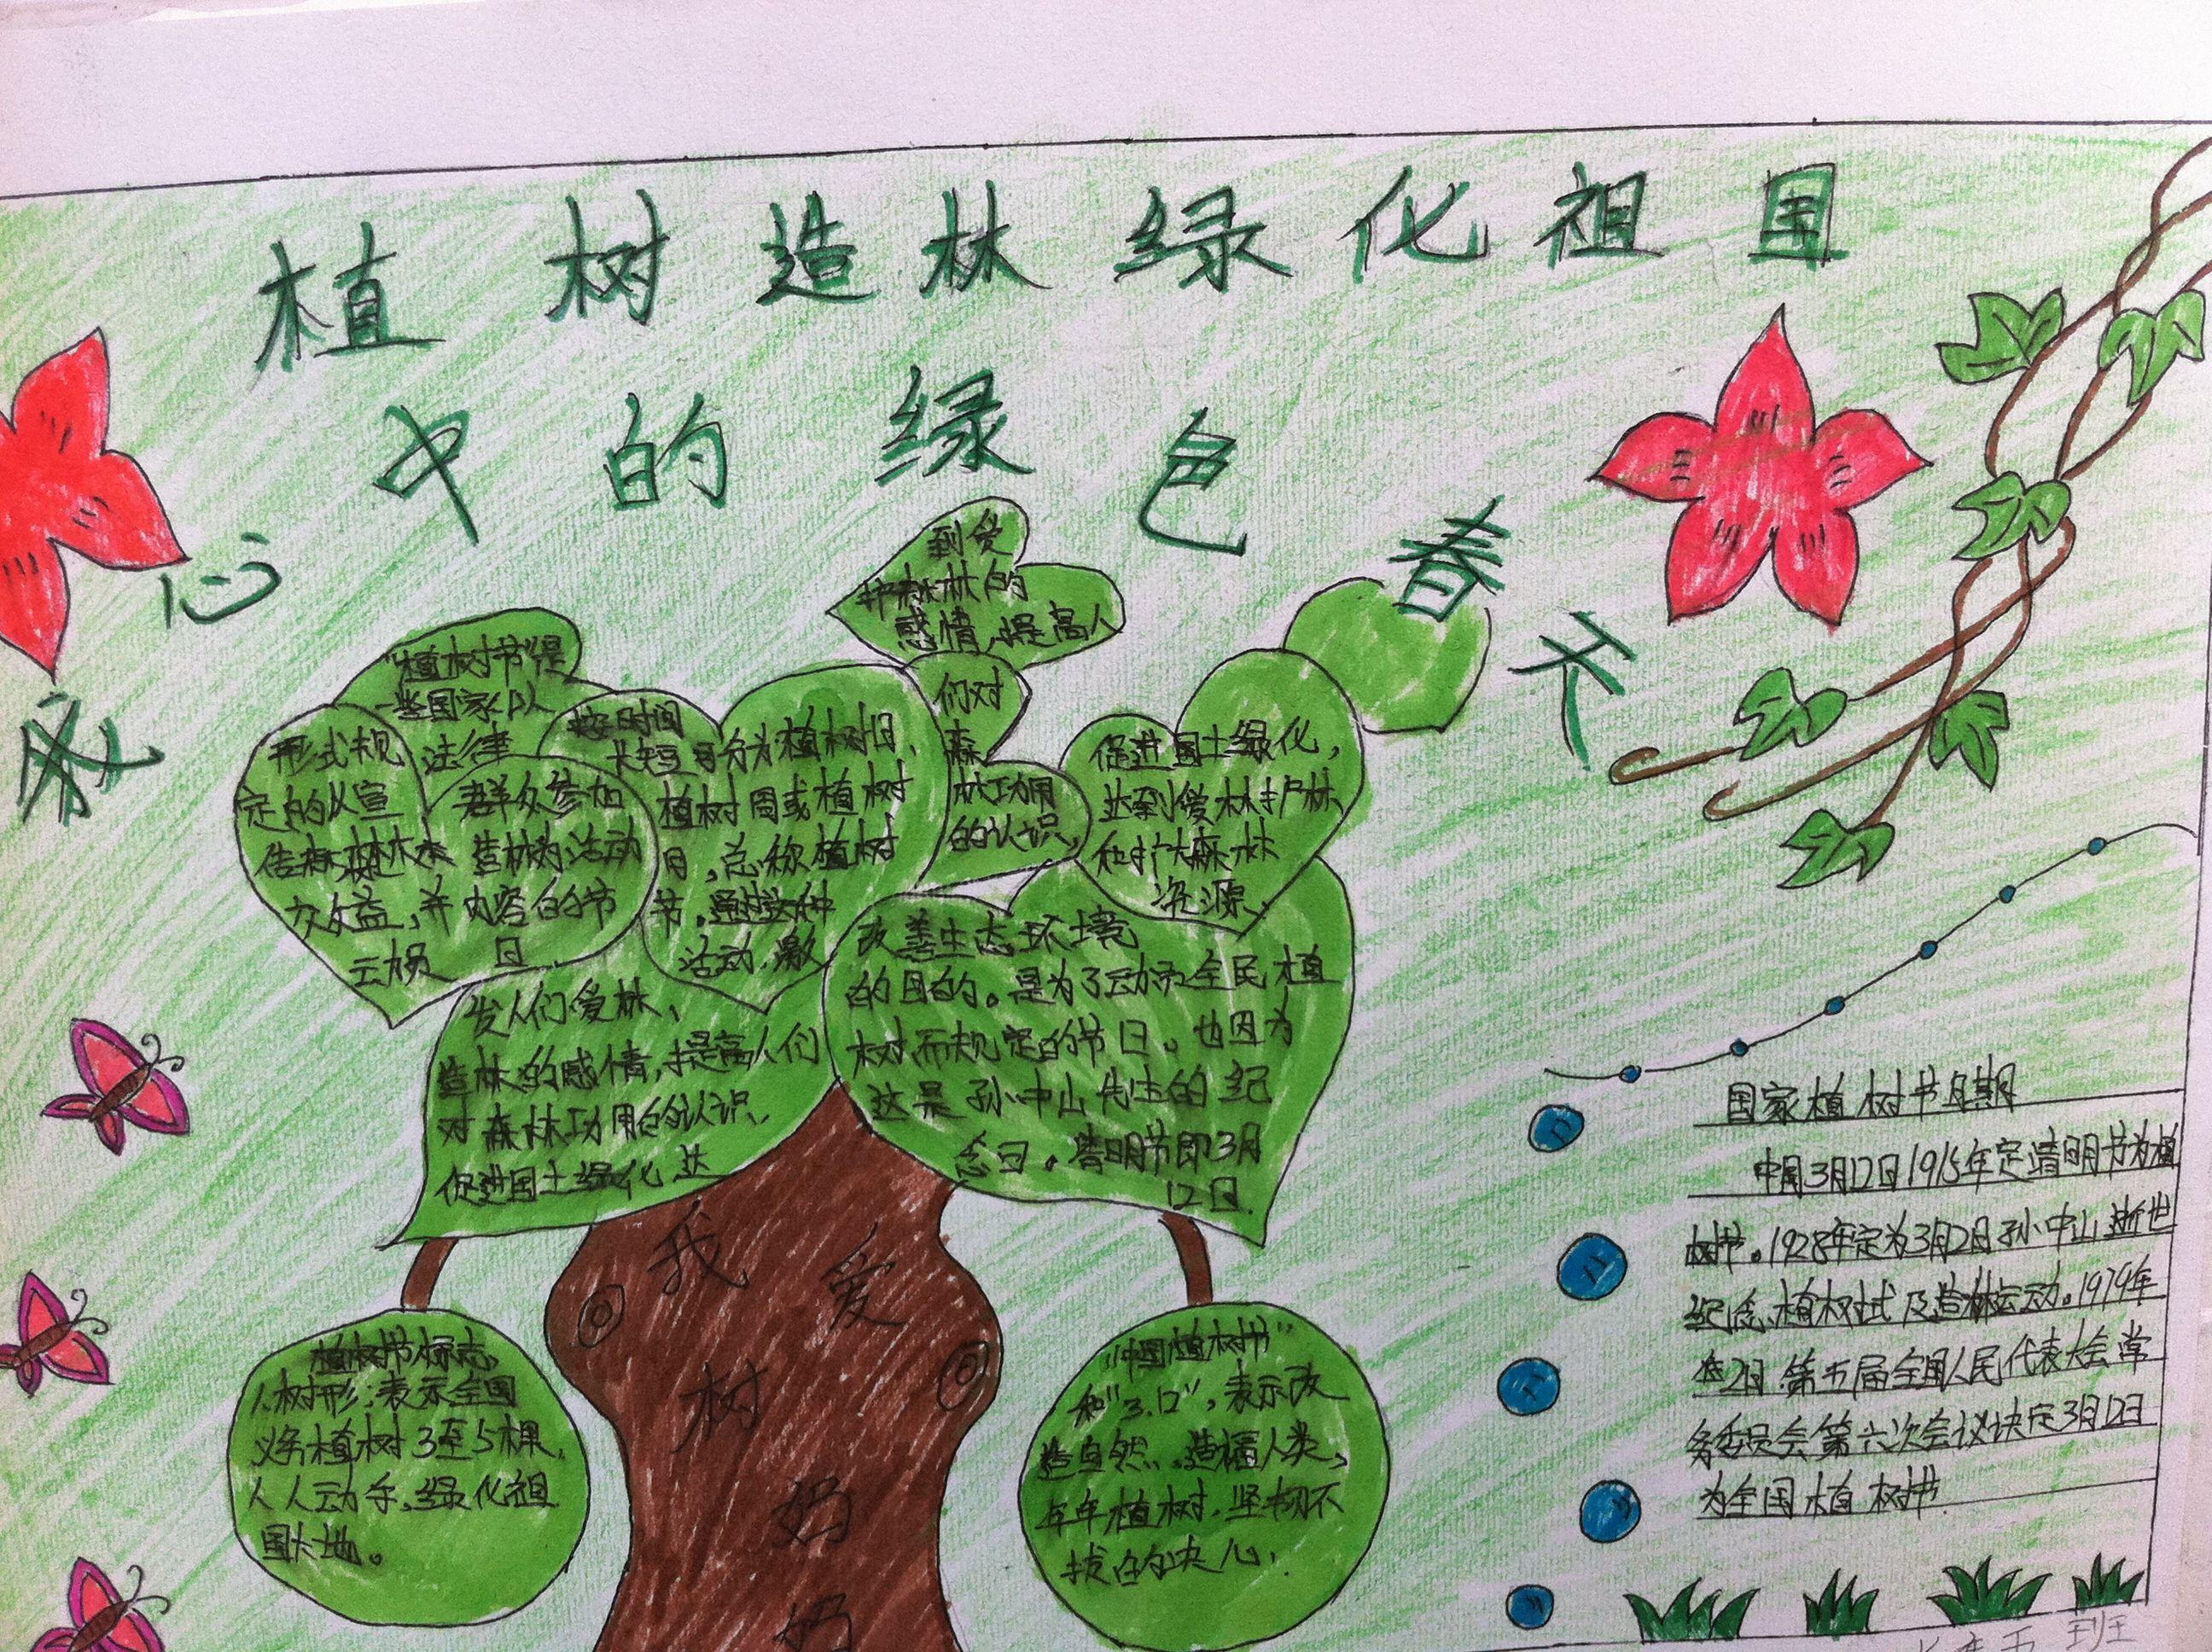 绿色春天手抄报一等奖的图片急用 谢谢